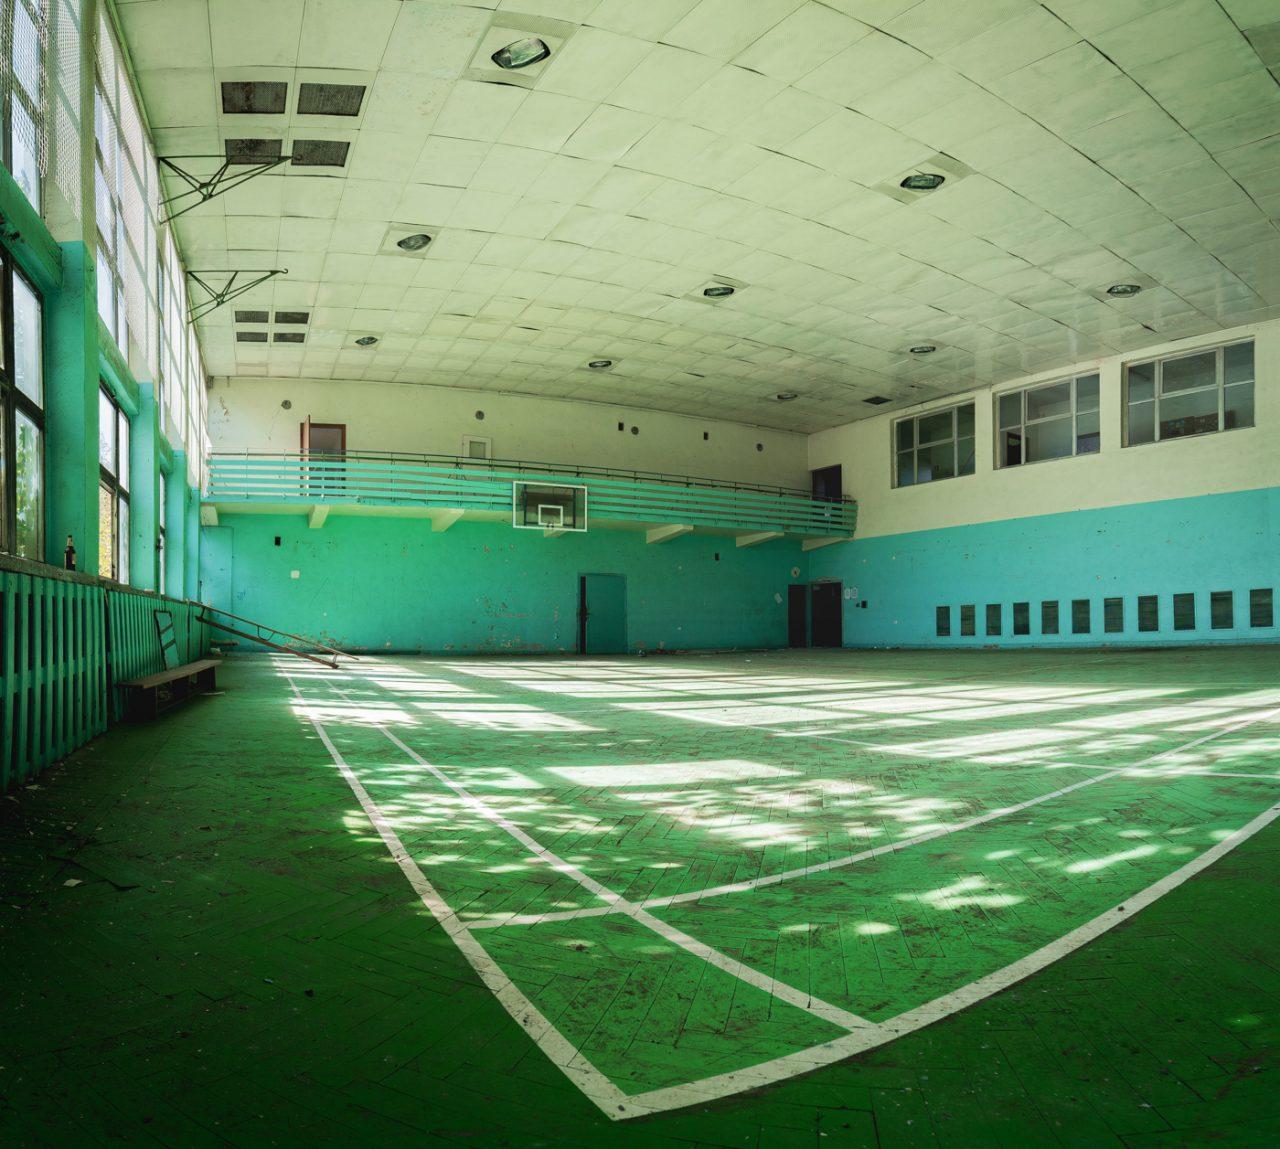 opuszczona hala sportowa